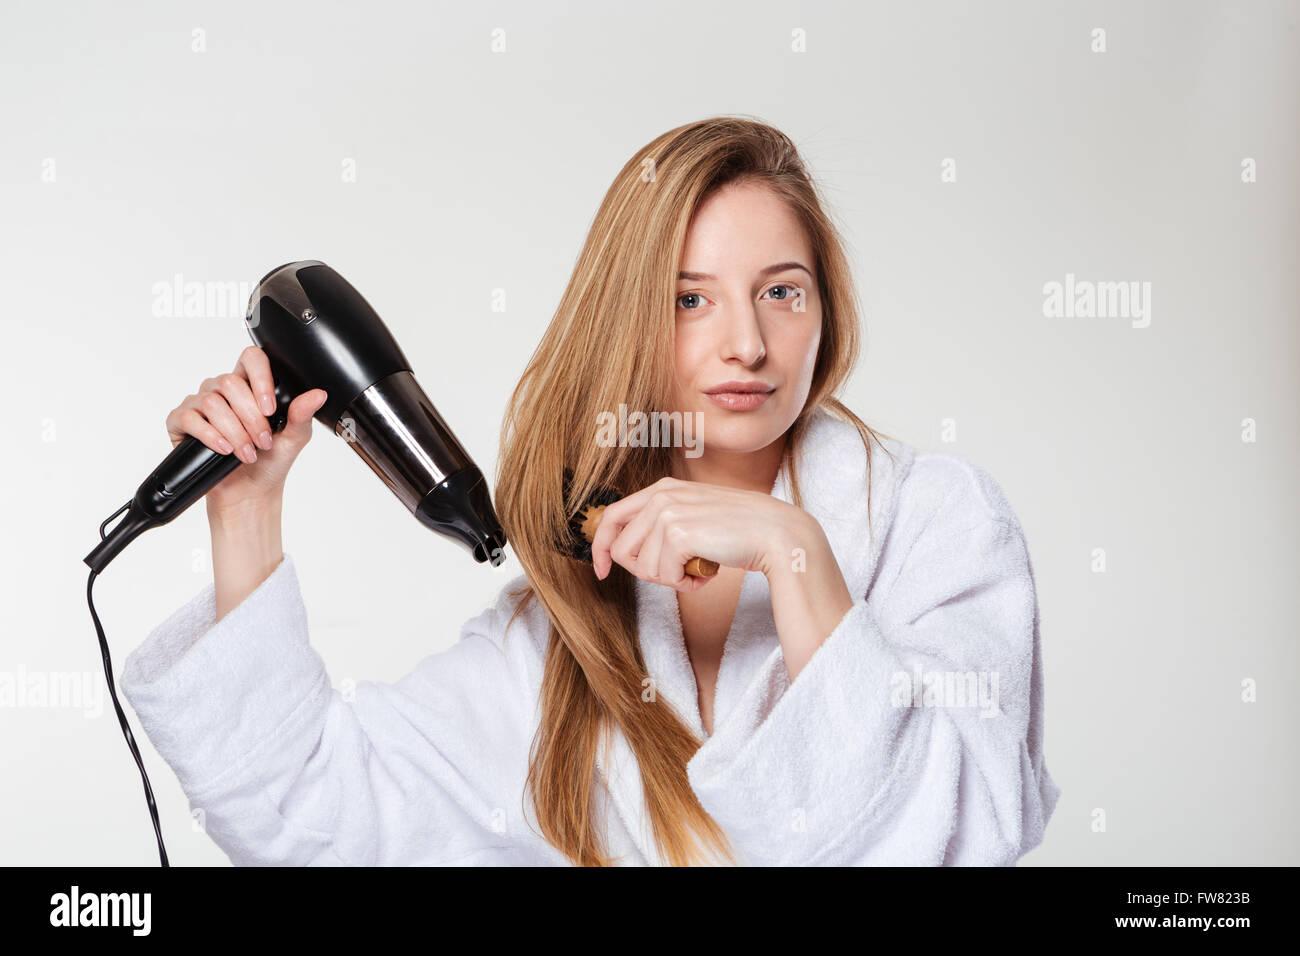 Mujer atractiva secar su cabello aislado sobre un fondo blanco. Imagen De Stock